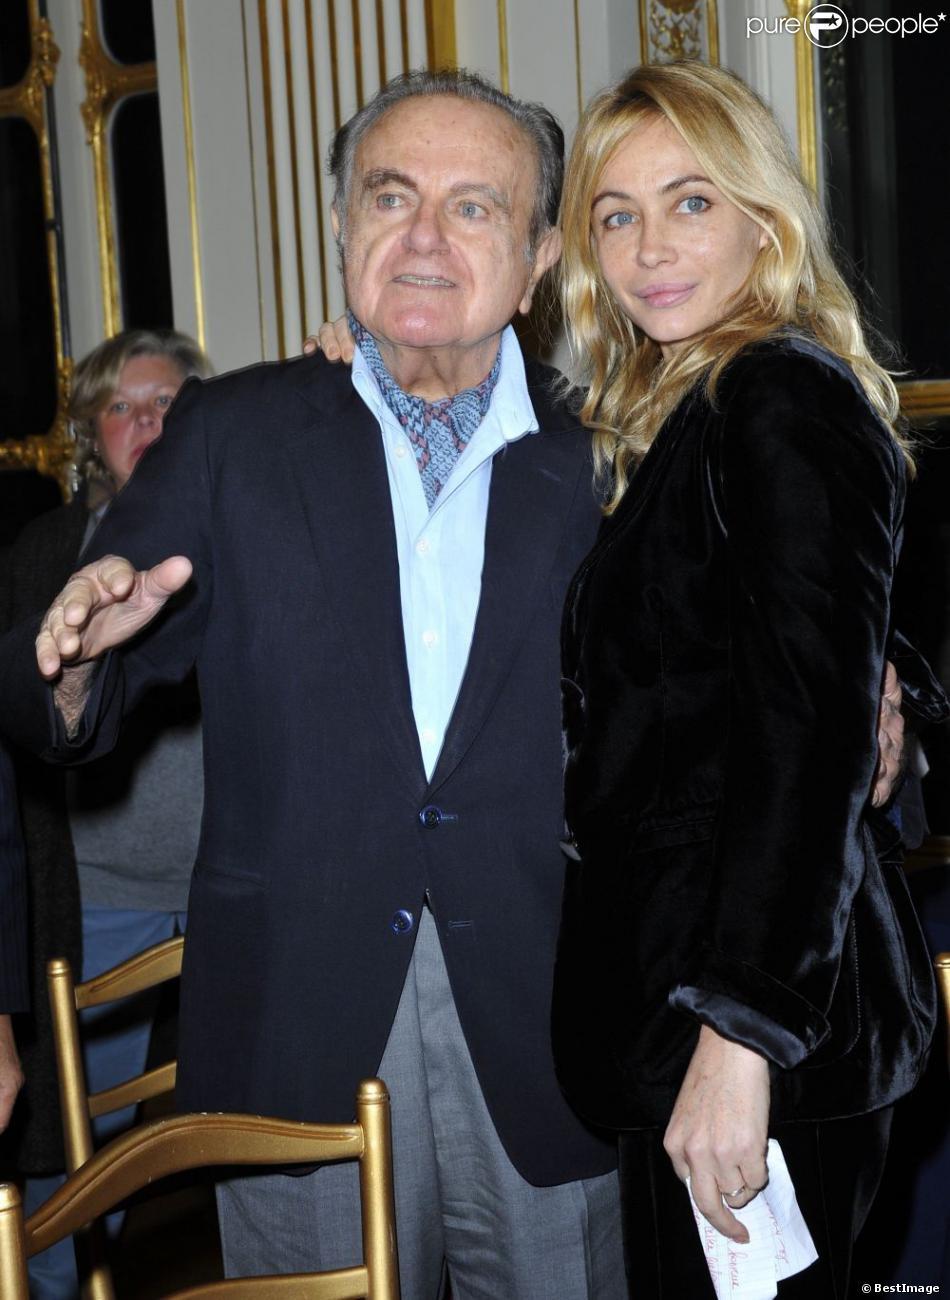 Guy Béart et sa fille Emmanuelle Béart lorsque la ministre de la Culture Aurélie Filippetti a remis à l'actrice les insignes d'officier dans l'ordre des Arts et des Lettres le 27 novembre 2012